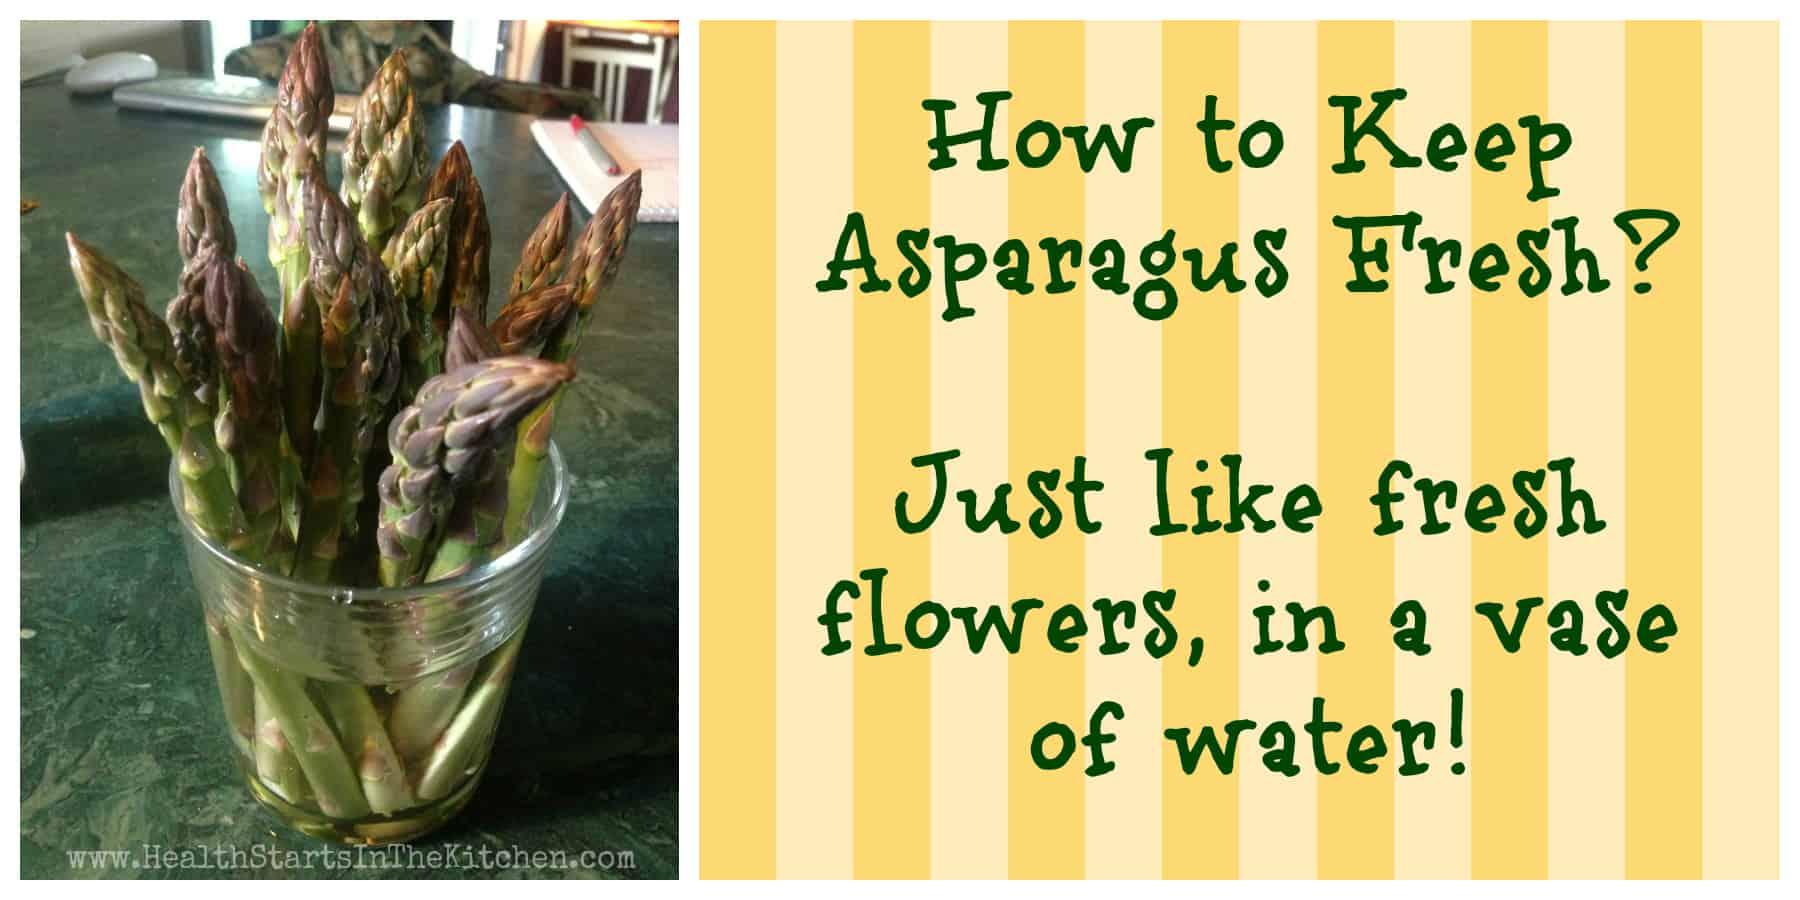 How to Keep Asparagus Fresh!